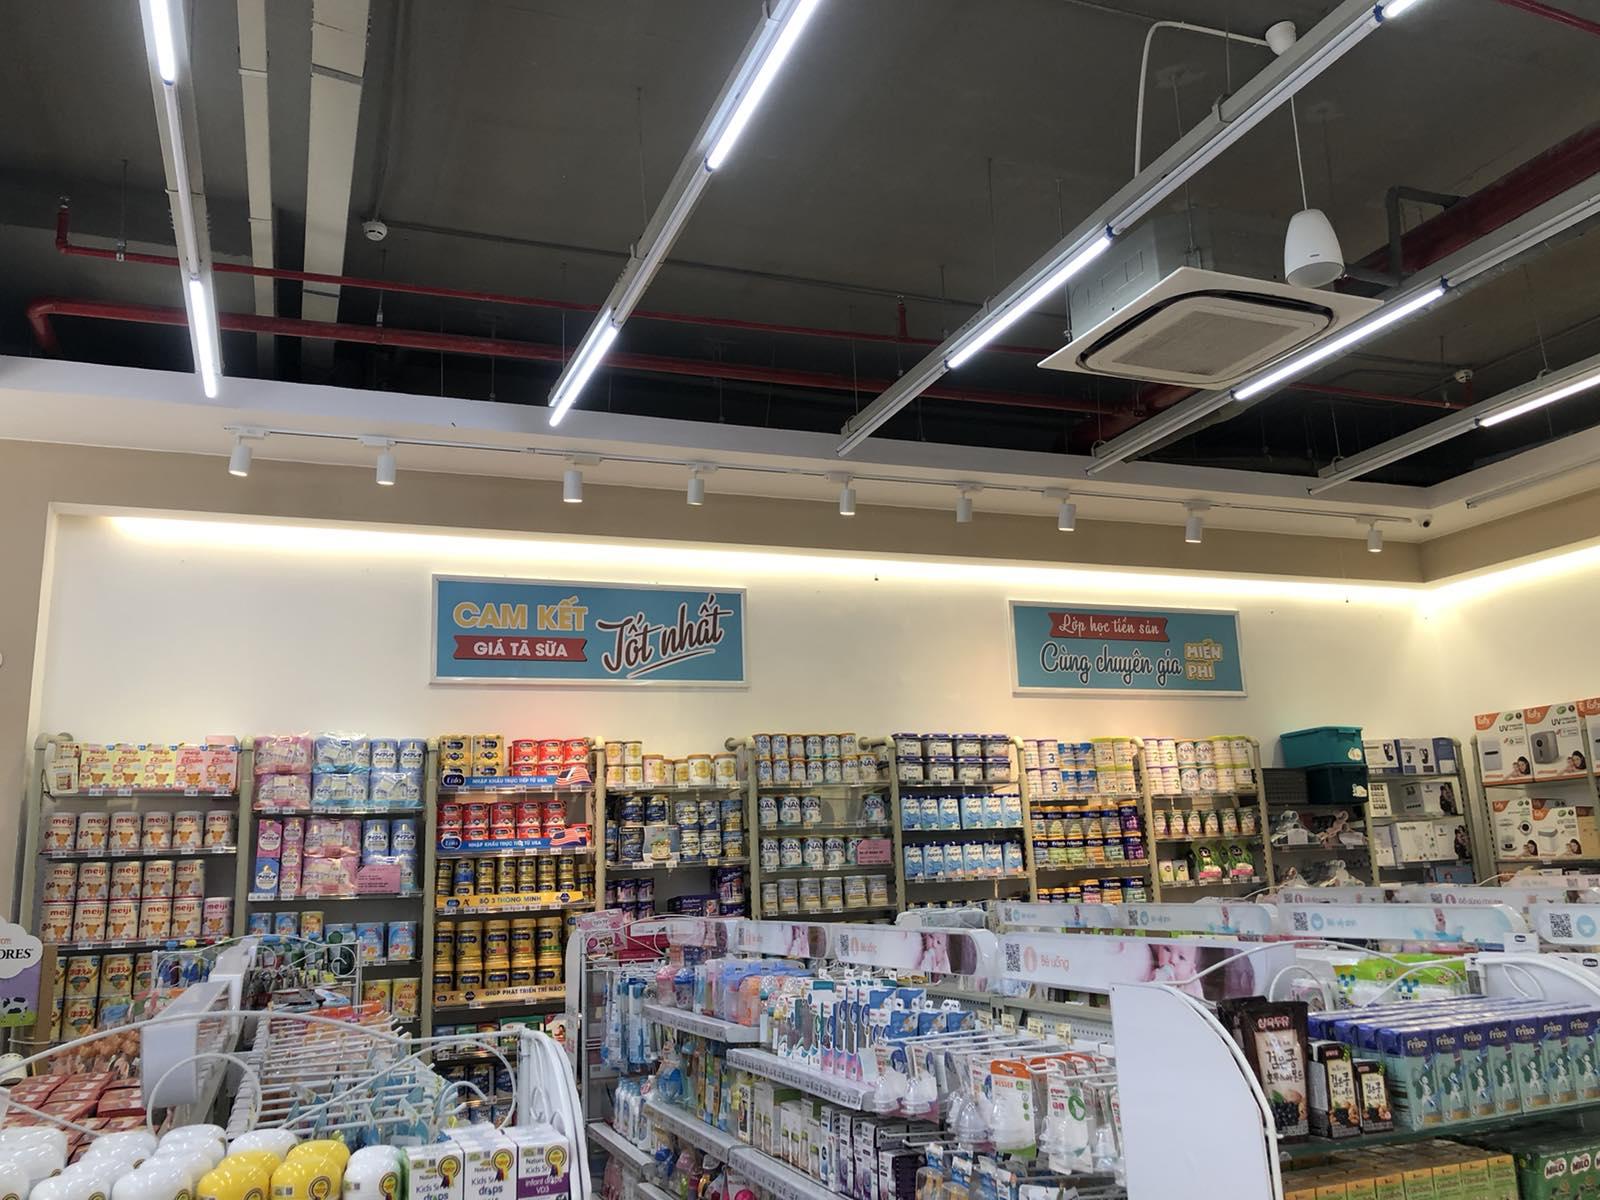 Mua sữa Grand Noble chính hãng giá tốt tại Bibomart